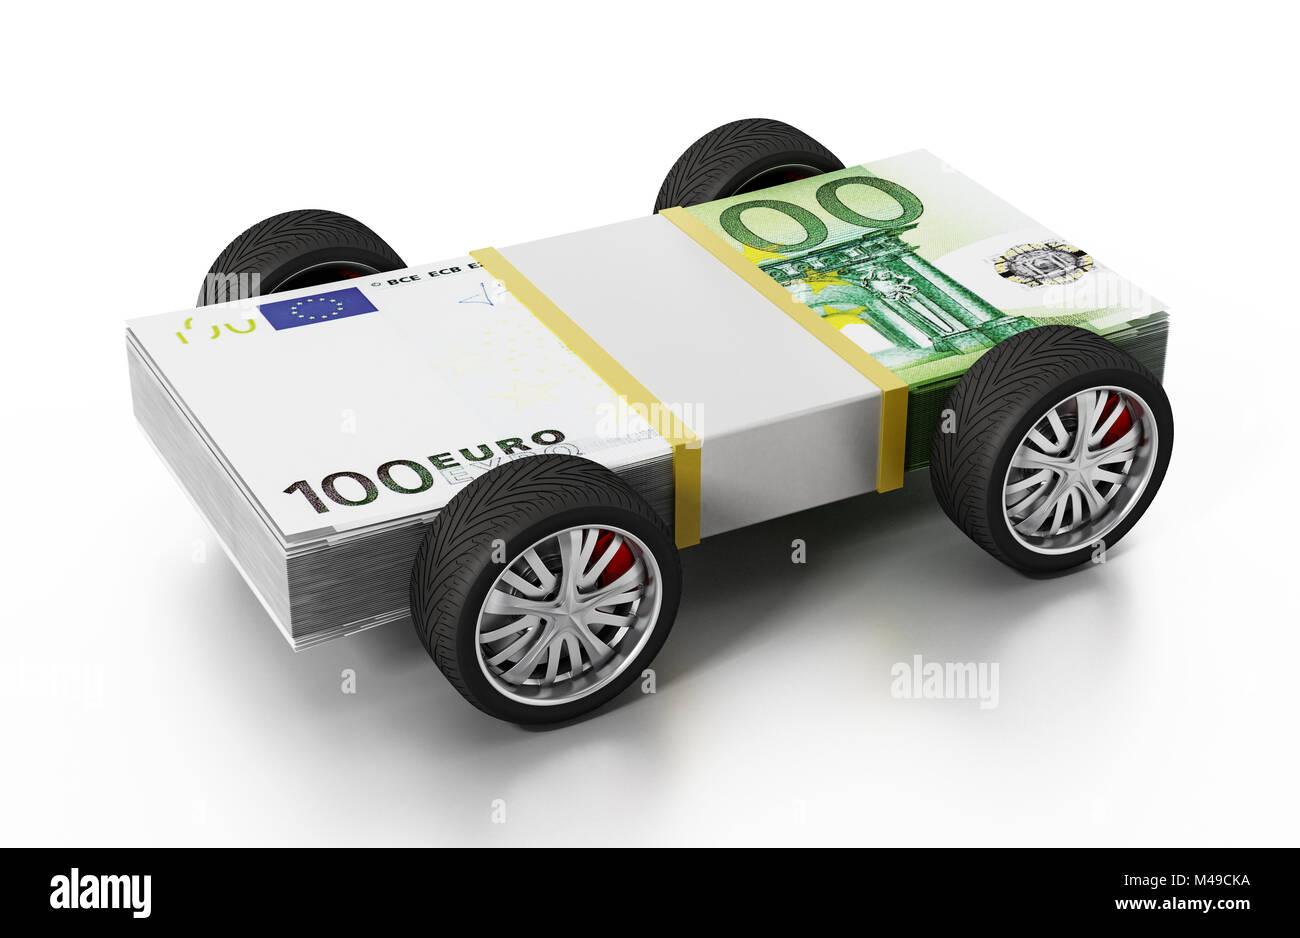 Reifen bis 100 Euro Rechnungen verbunden. 3D-Darstellung. Stockbild